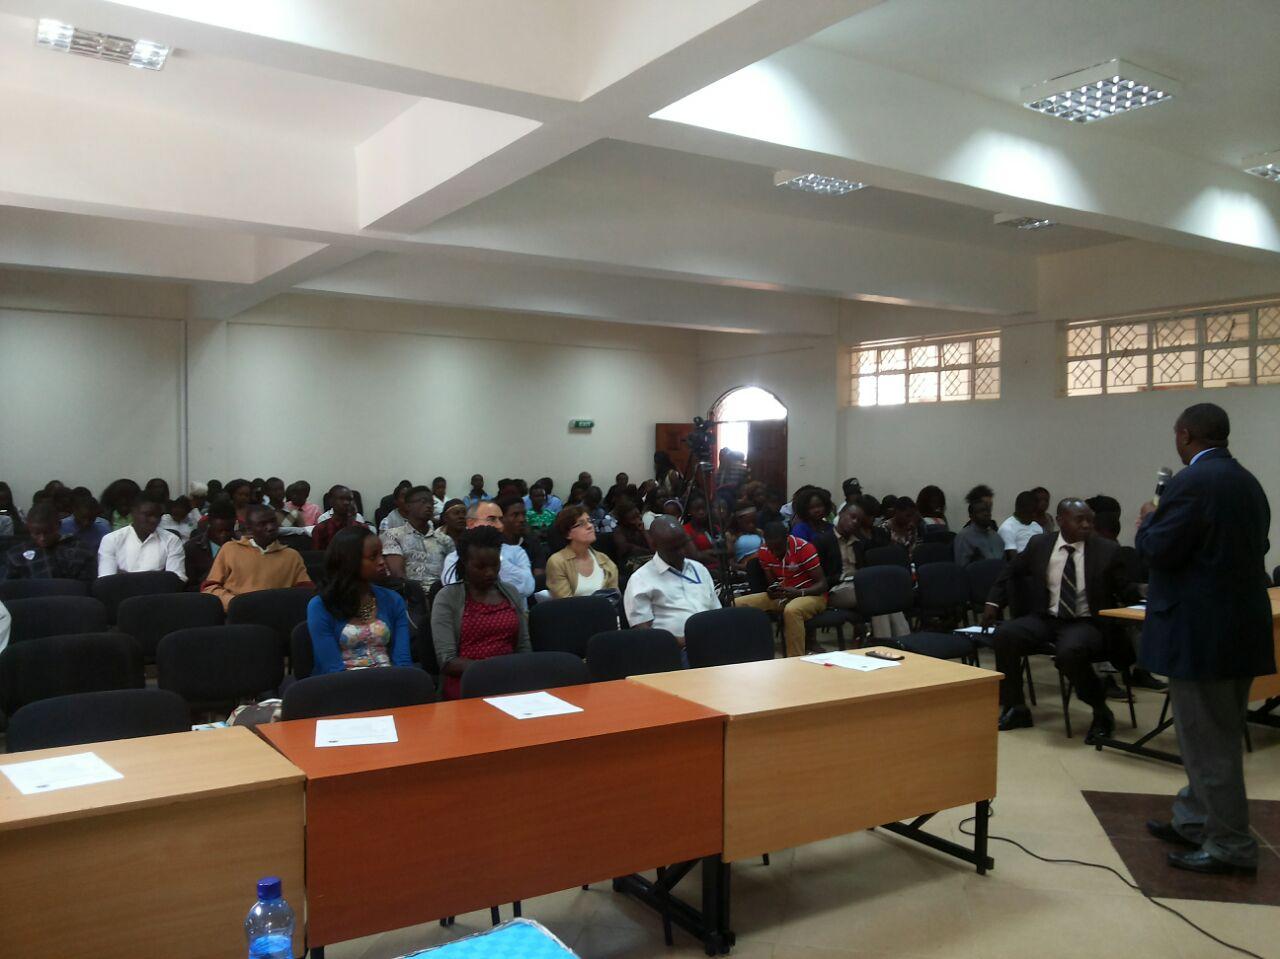 Nairobi Università sito di incontri